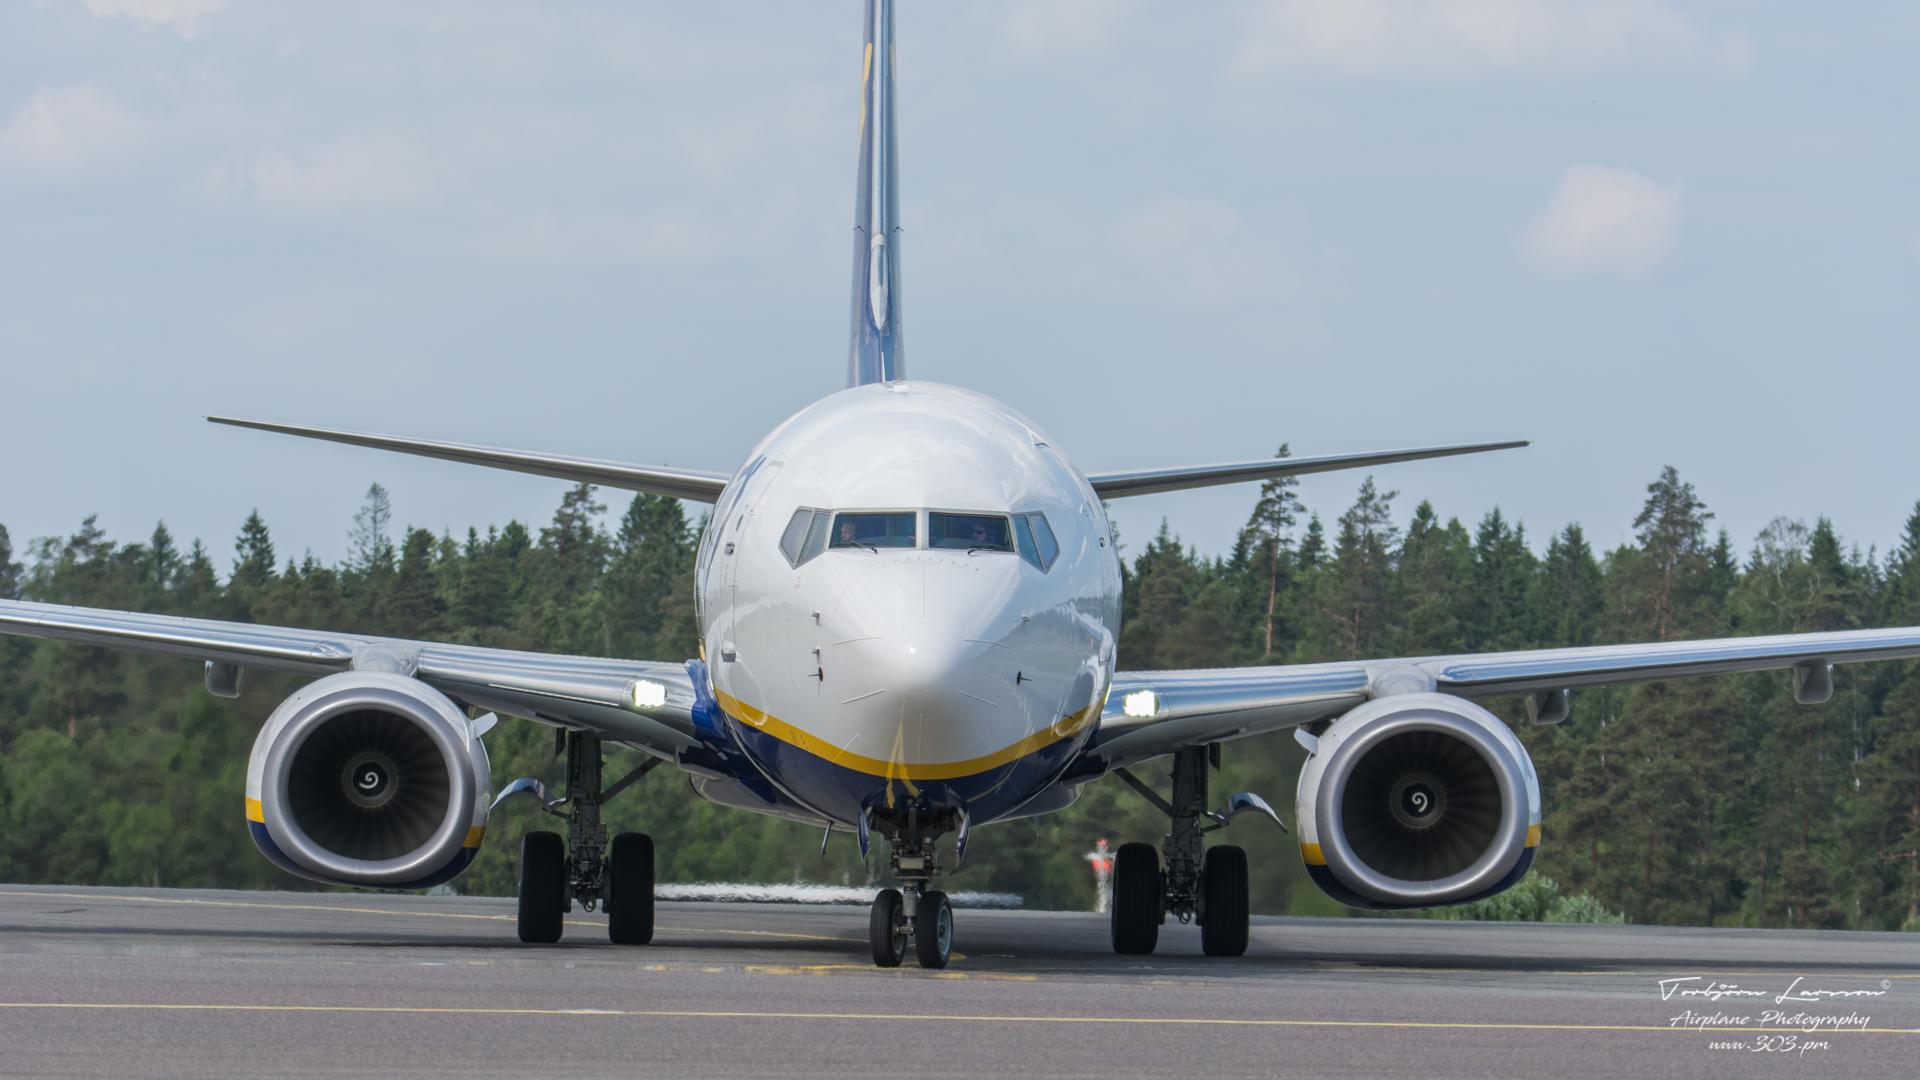 TBE_7989-Boeing 737-800 - Ryanair - (EI-GJG)